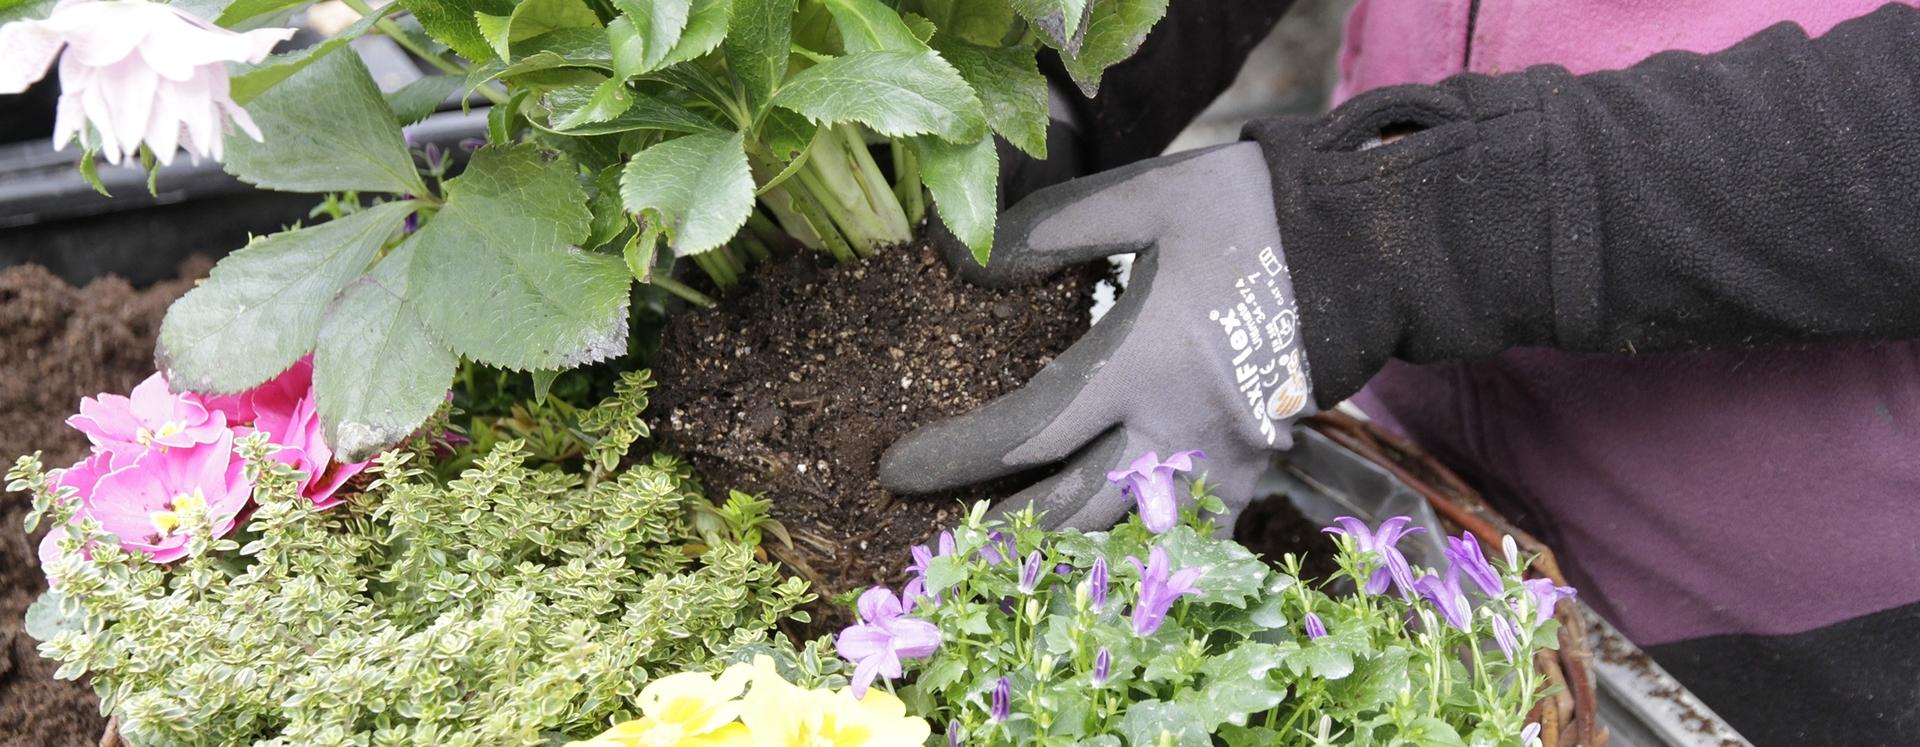 Blumen werden in einen Korb gepflanzt; die Hände sind durch Handschuhe geschützt